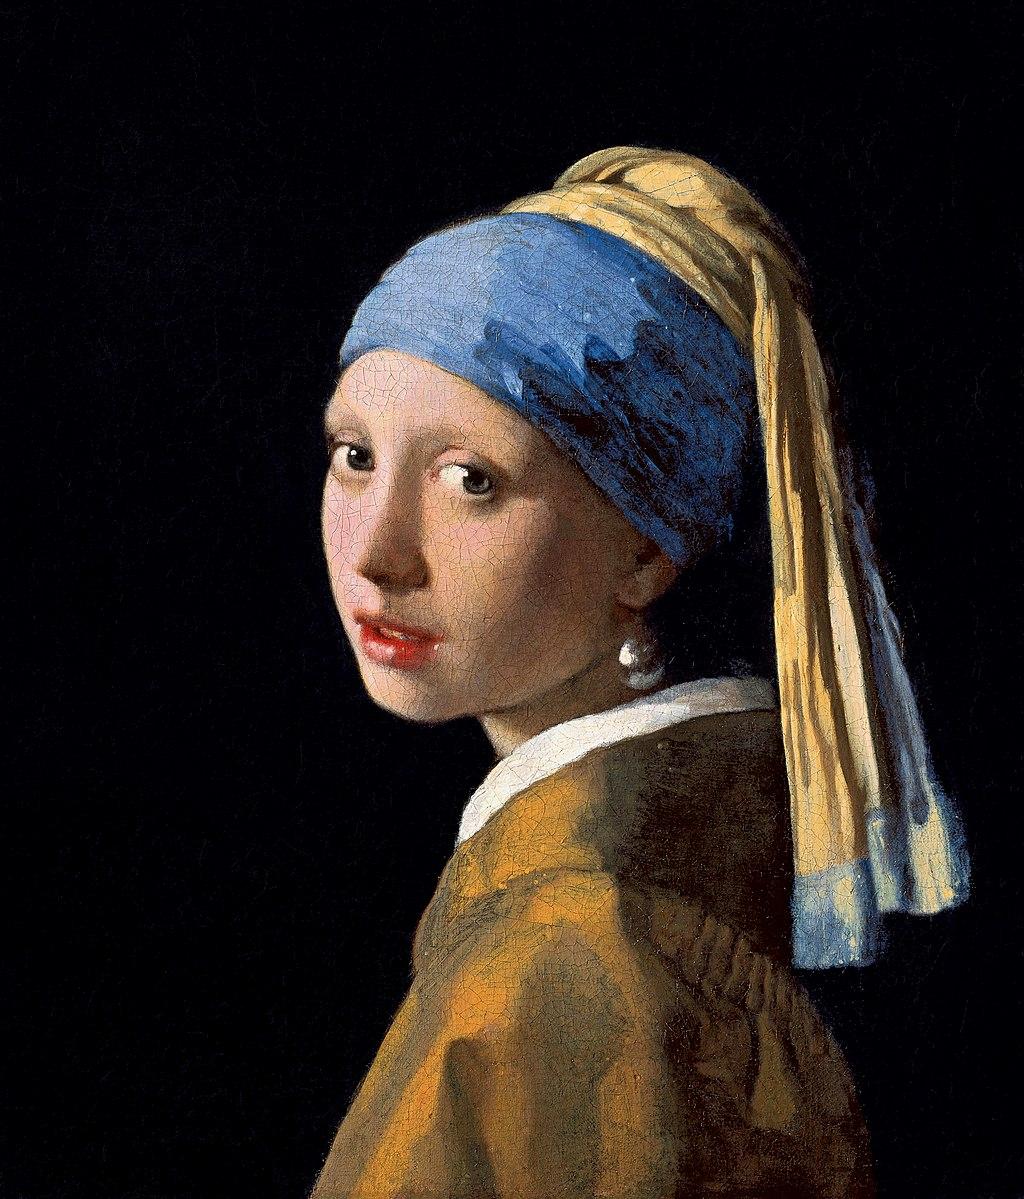 Ян Вермеер, около 1665 года, картина «Девушка с жемчужной сережкой»